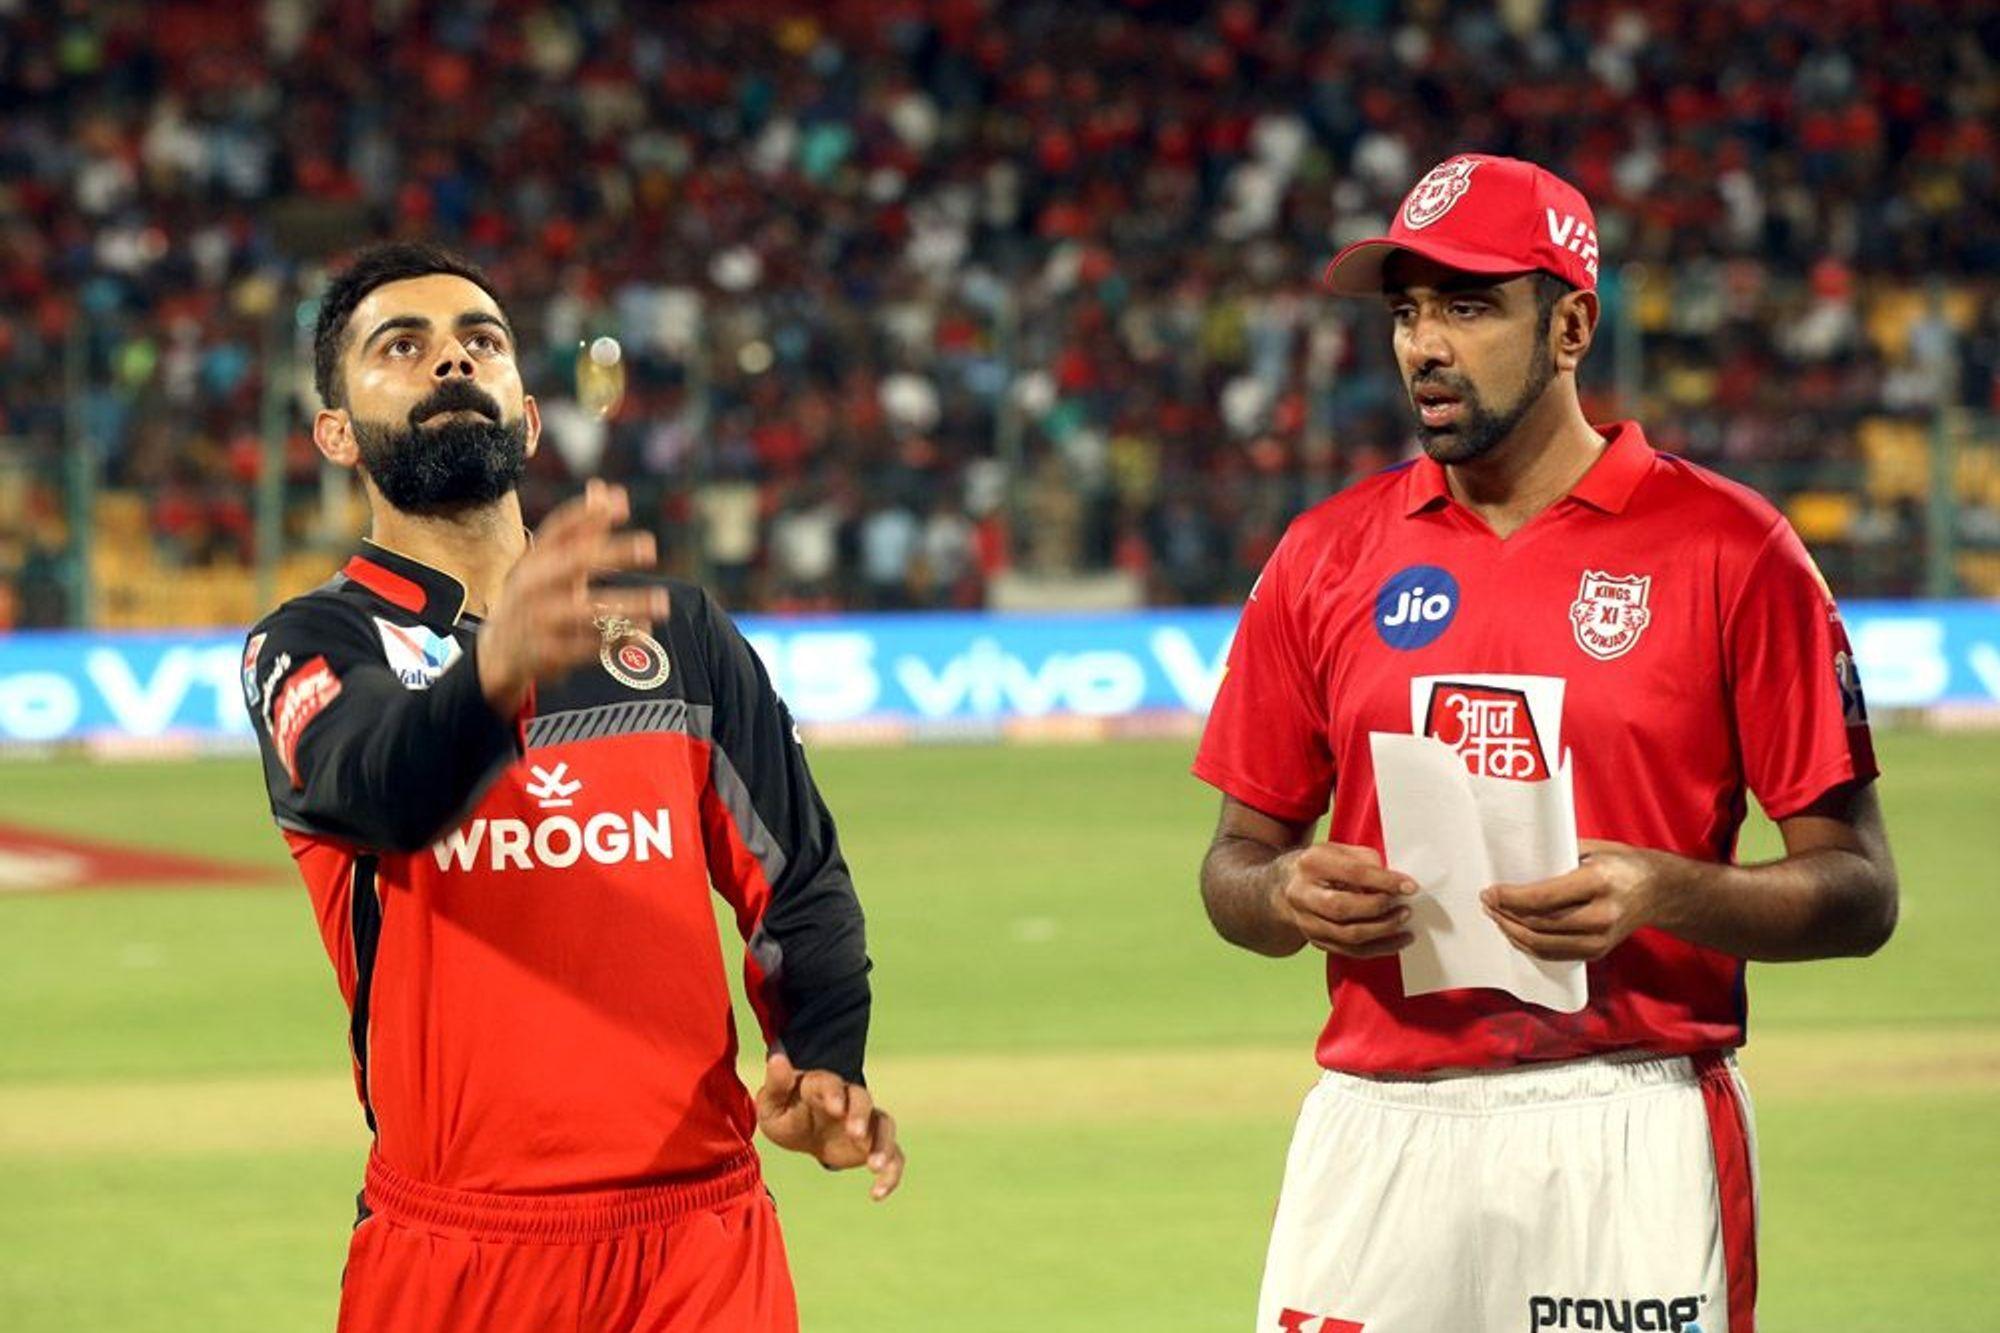 रॉयल चैलेंजर्स बैंगलोर के खिलाफ किंग्स इलेवन पंजाब की हार के ये रहे 3 प्रमुख कारण 1